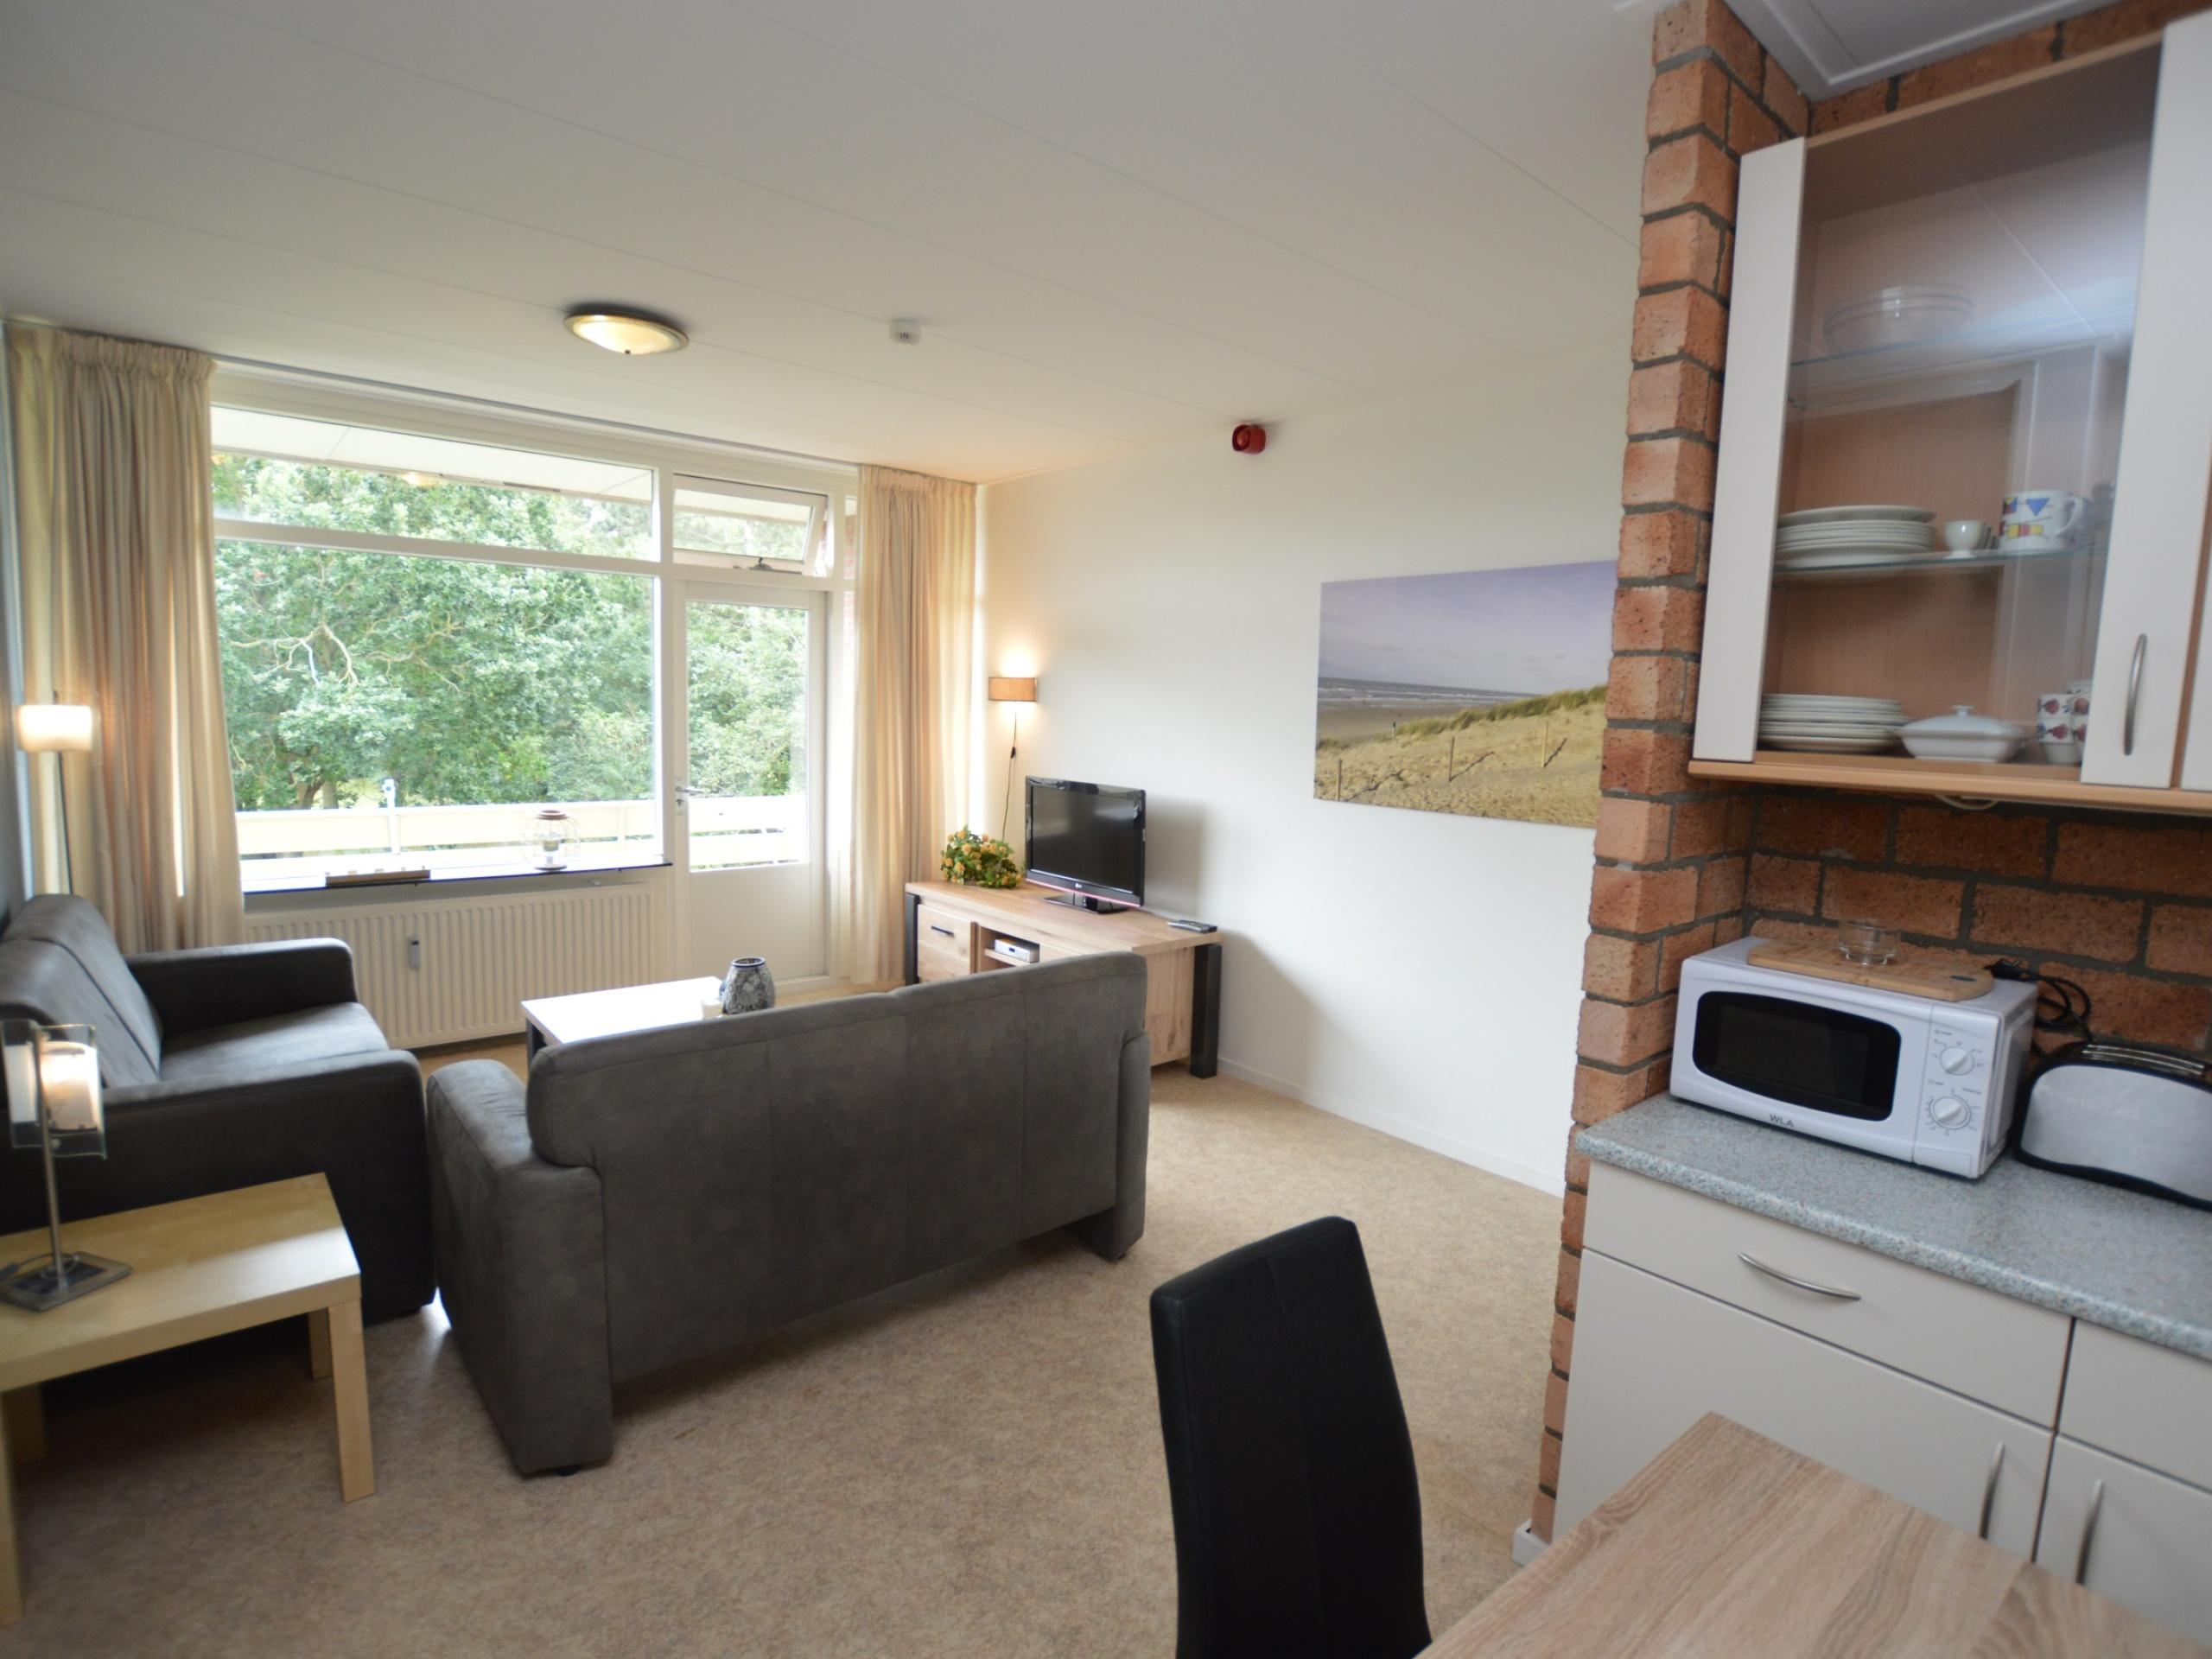 Ruhig gelegenes Appartement an der Gartenseit bei De Koog